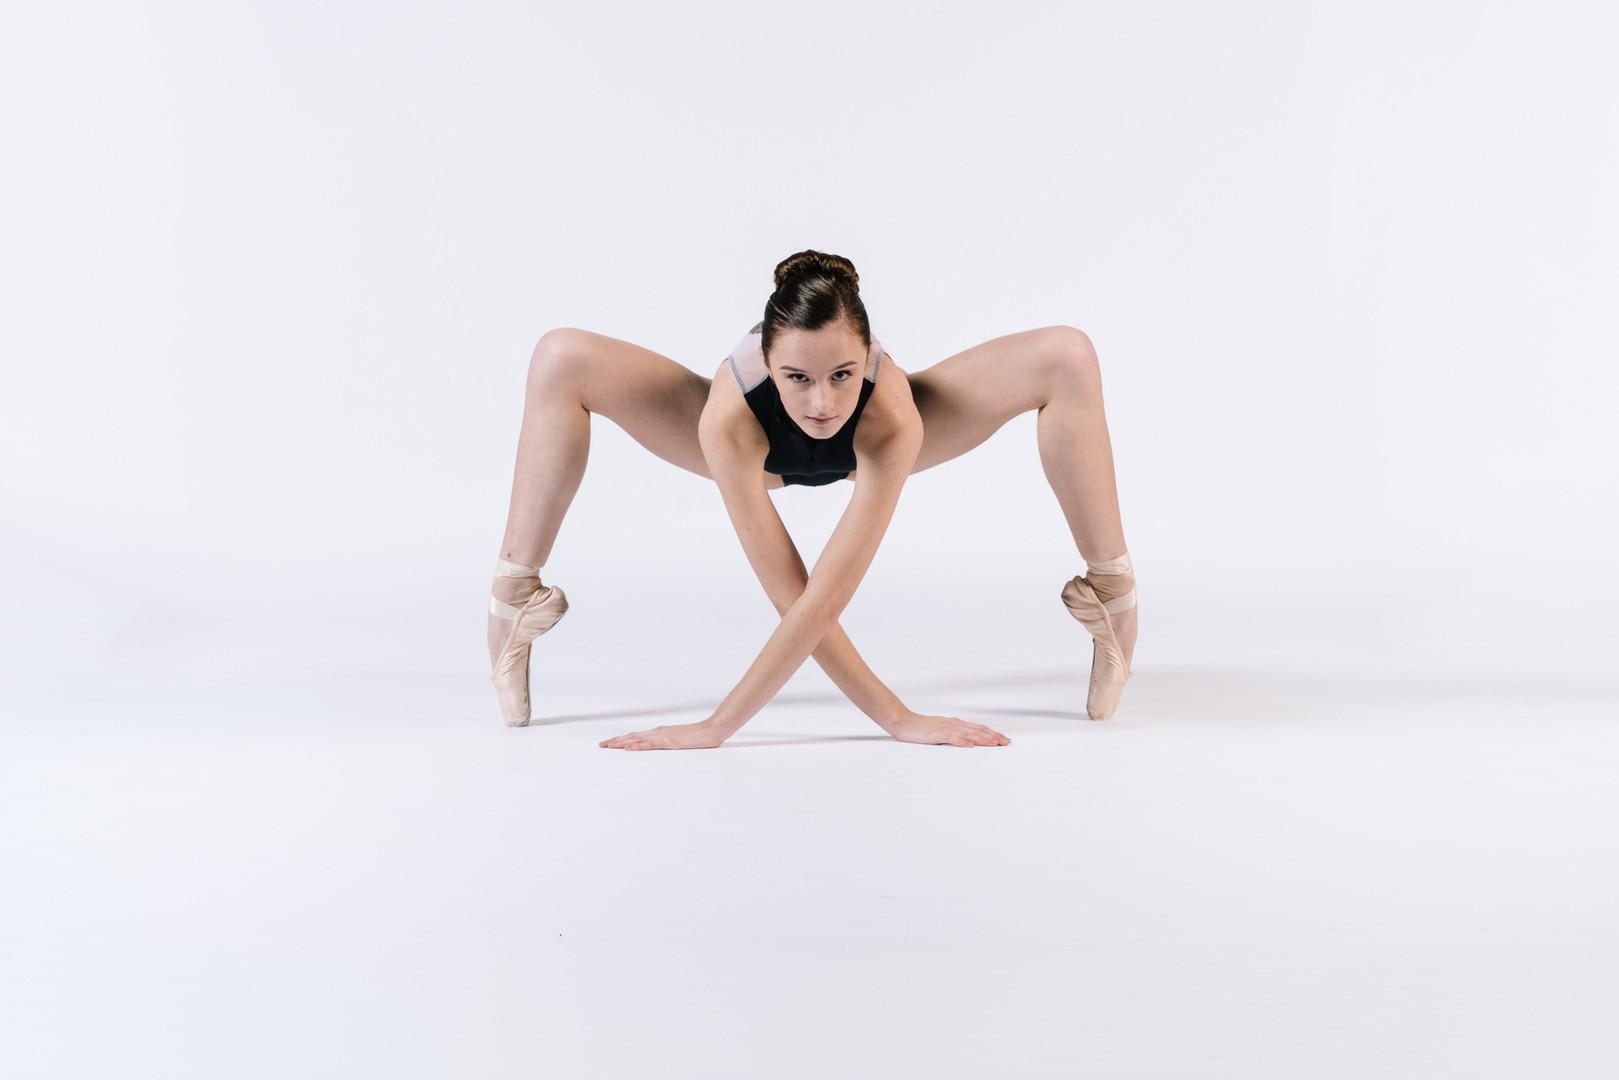 manchester-dance-photographer-11.jpg